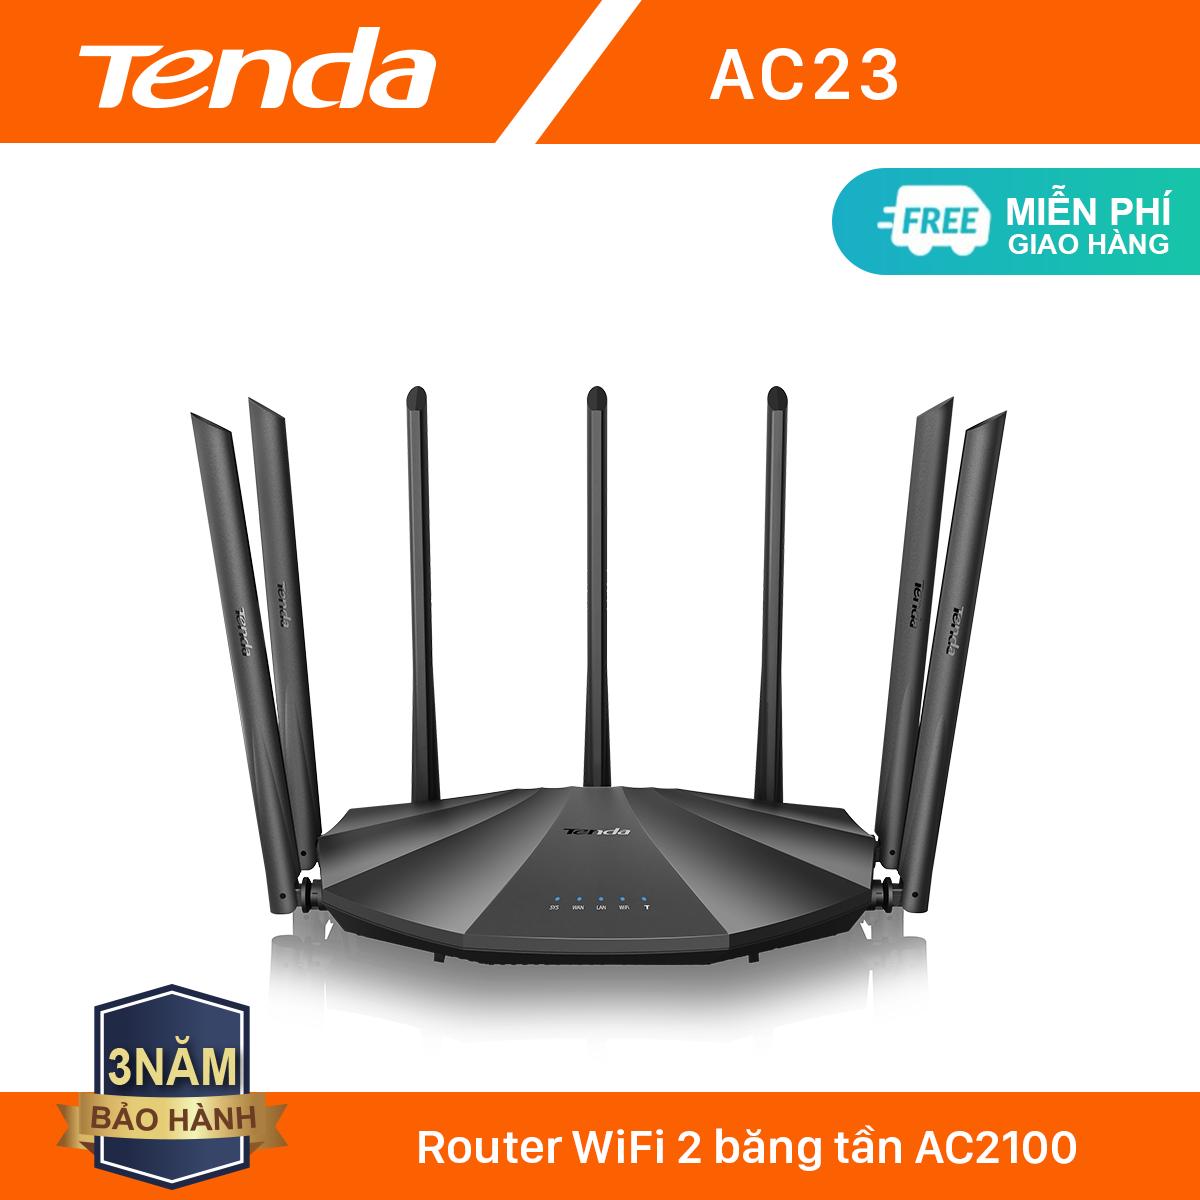 Tenda Thiết bị phát Wifi AC23 Chuẩn AC 2100Mbps – Hãng phân phối chính thức